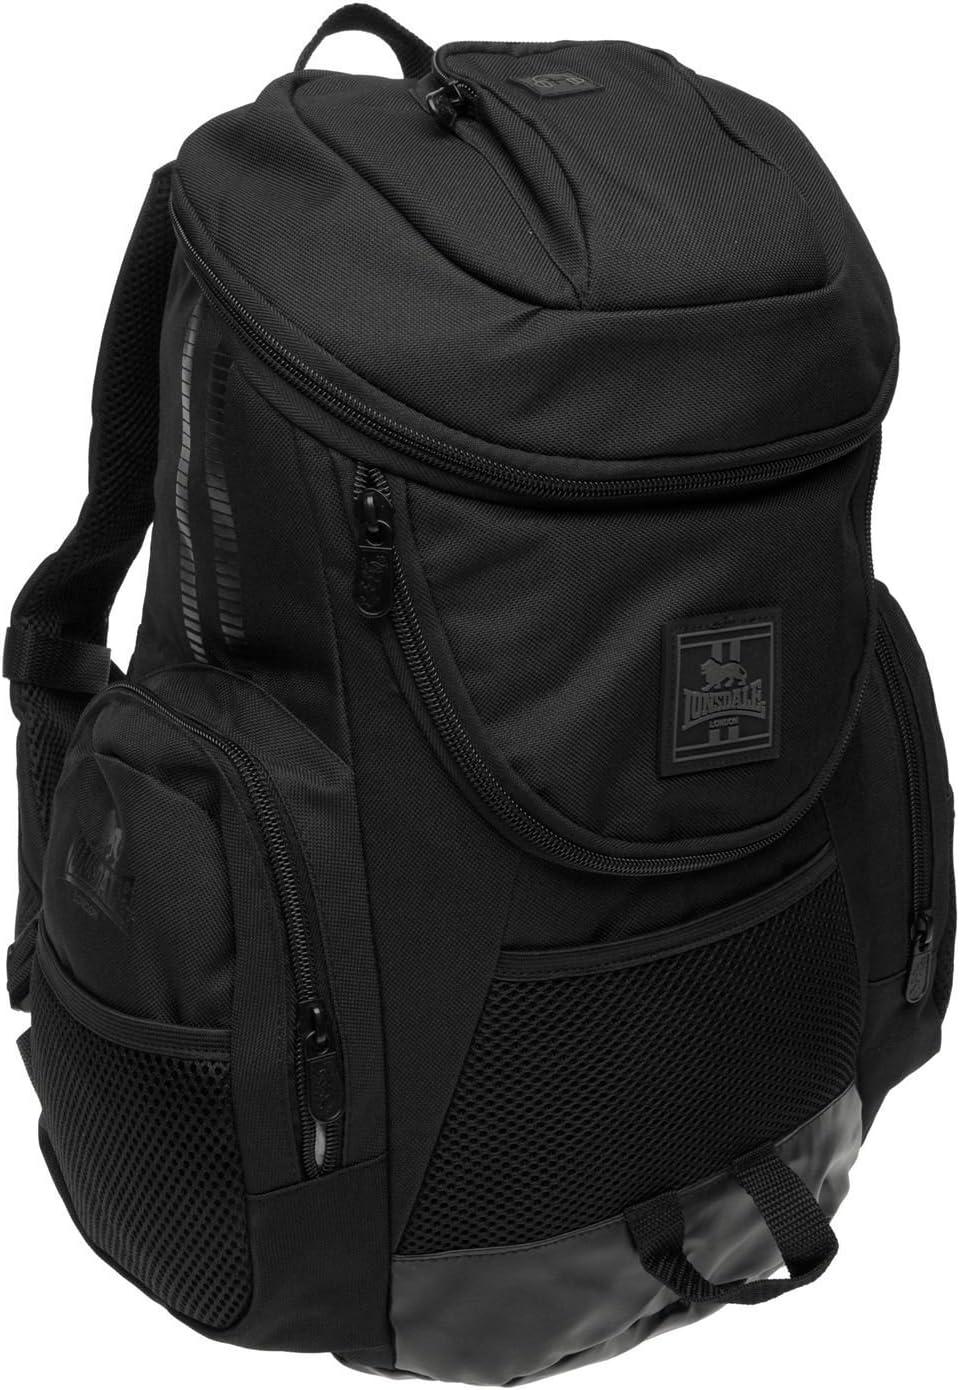 Lonsdale Niagara Sac /à Dos Noir Sac /à Dos Sac de Sport Gymbag Kitbag